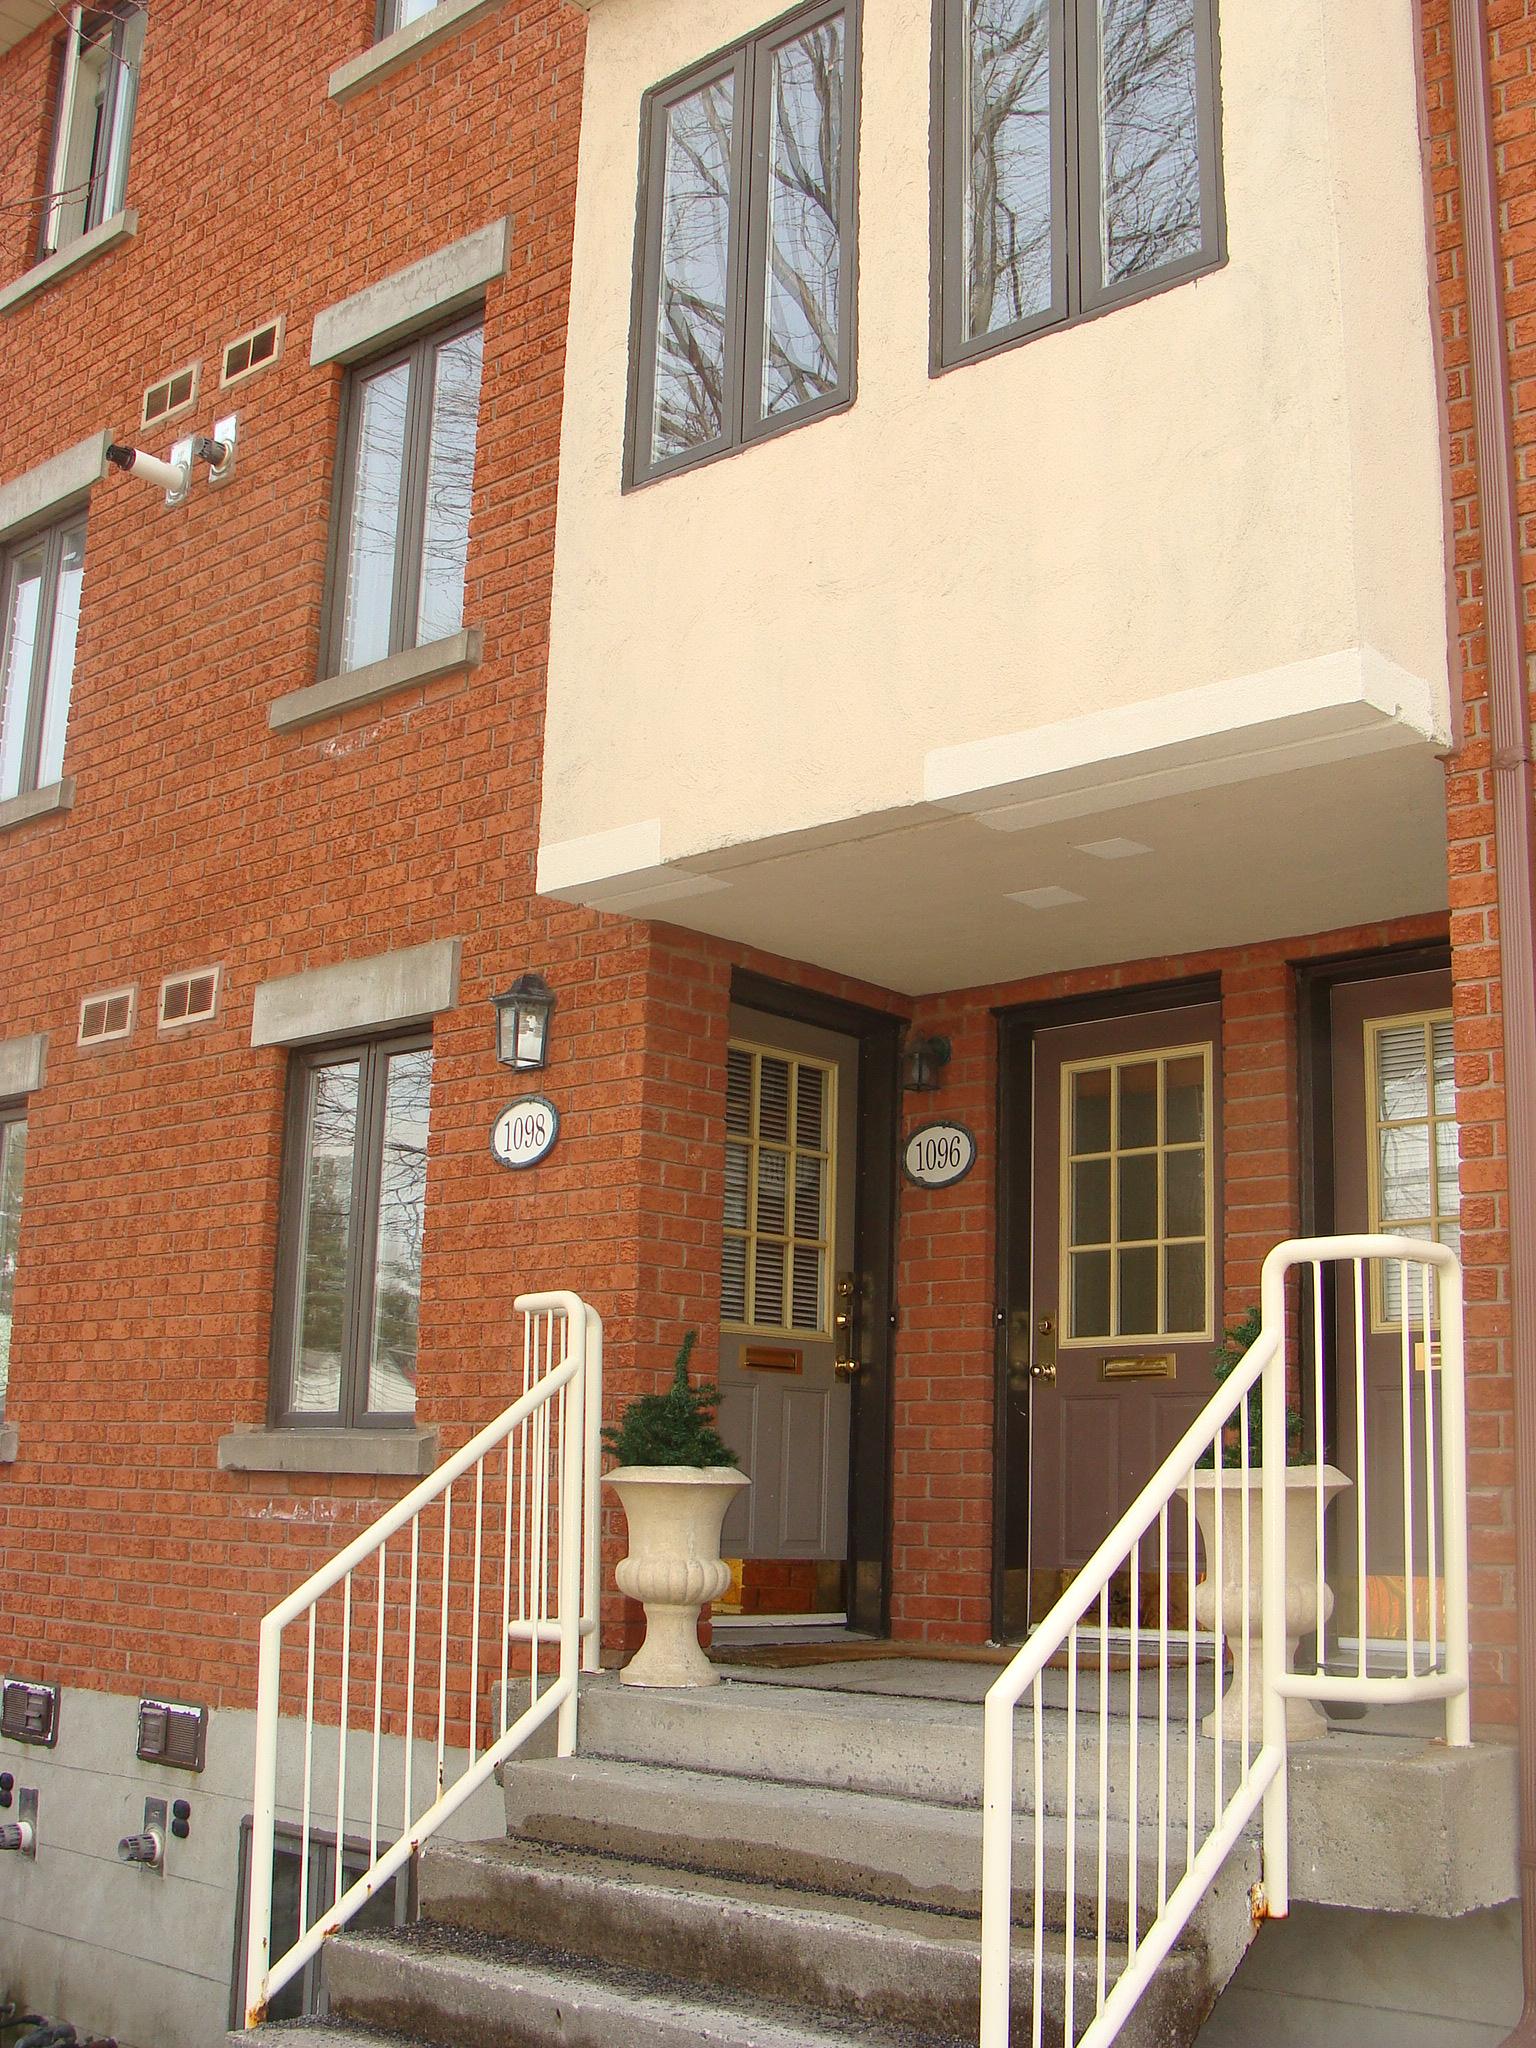 1096 Blasdell Ave. - Manor Park